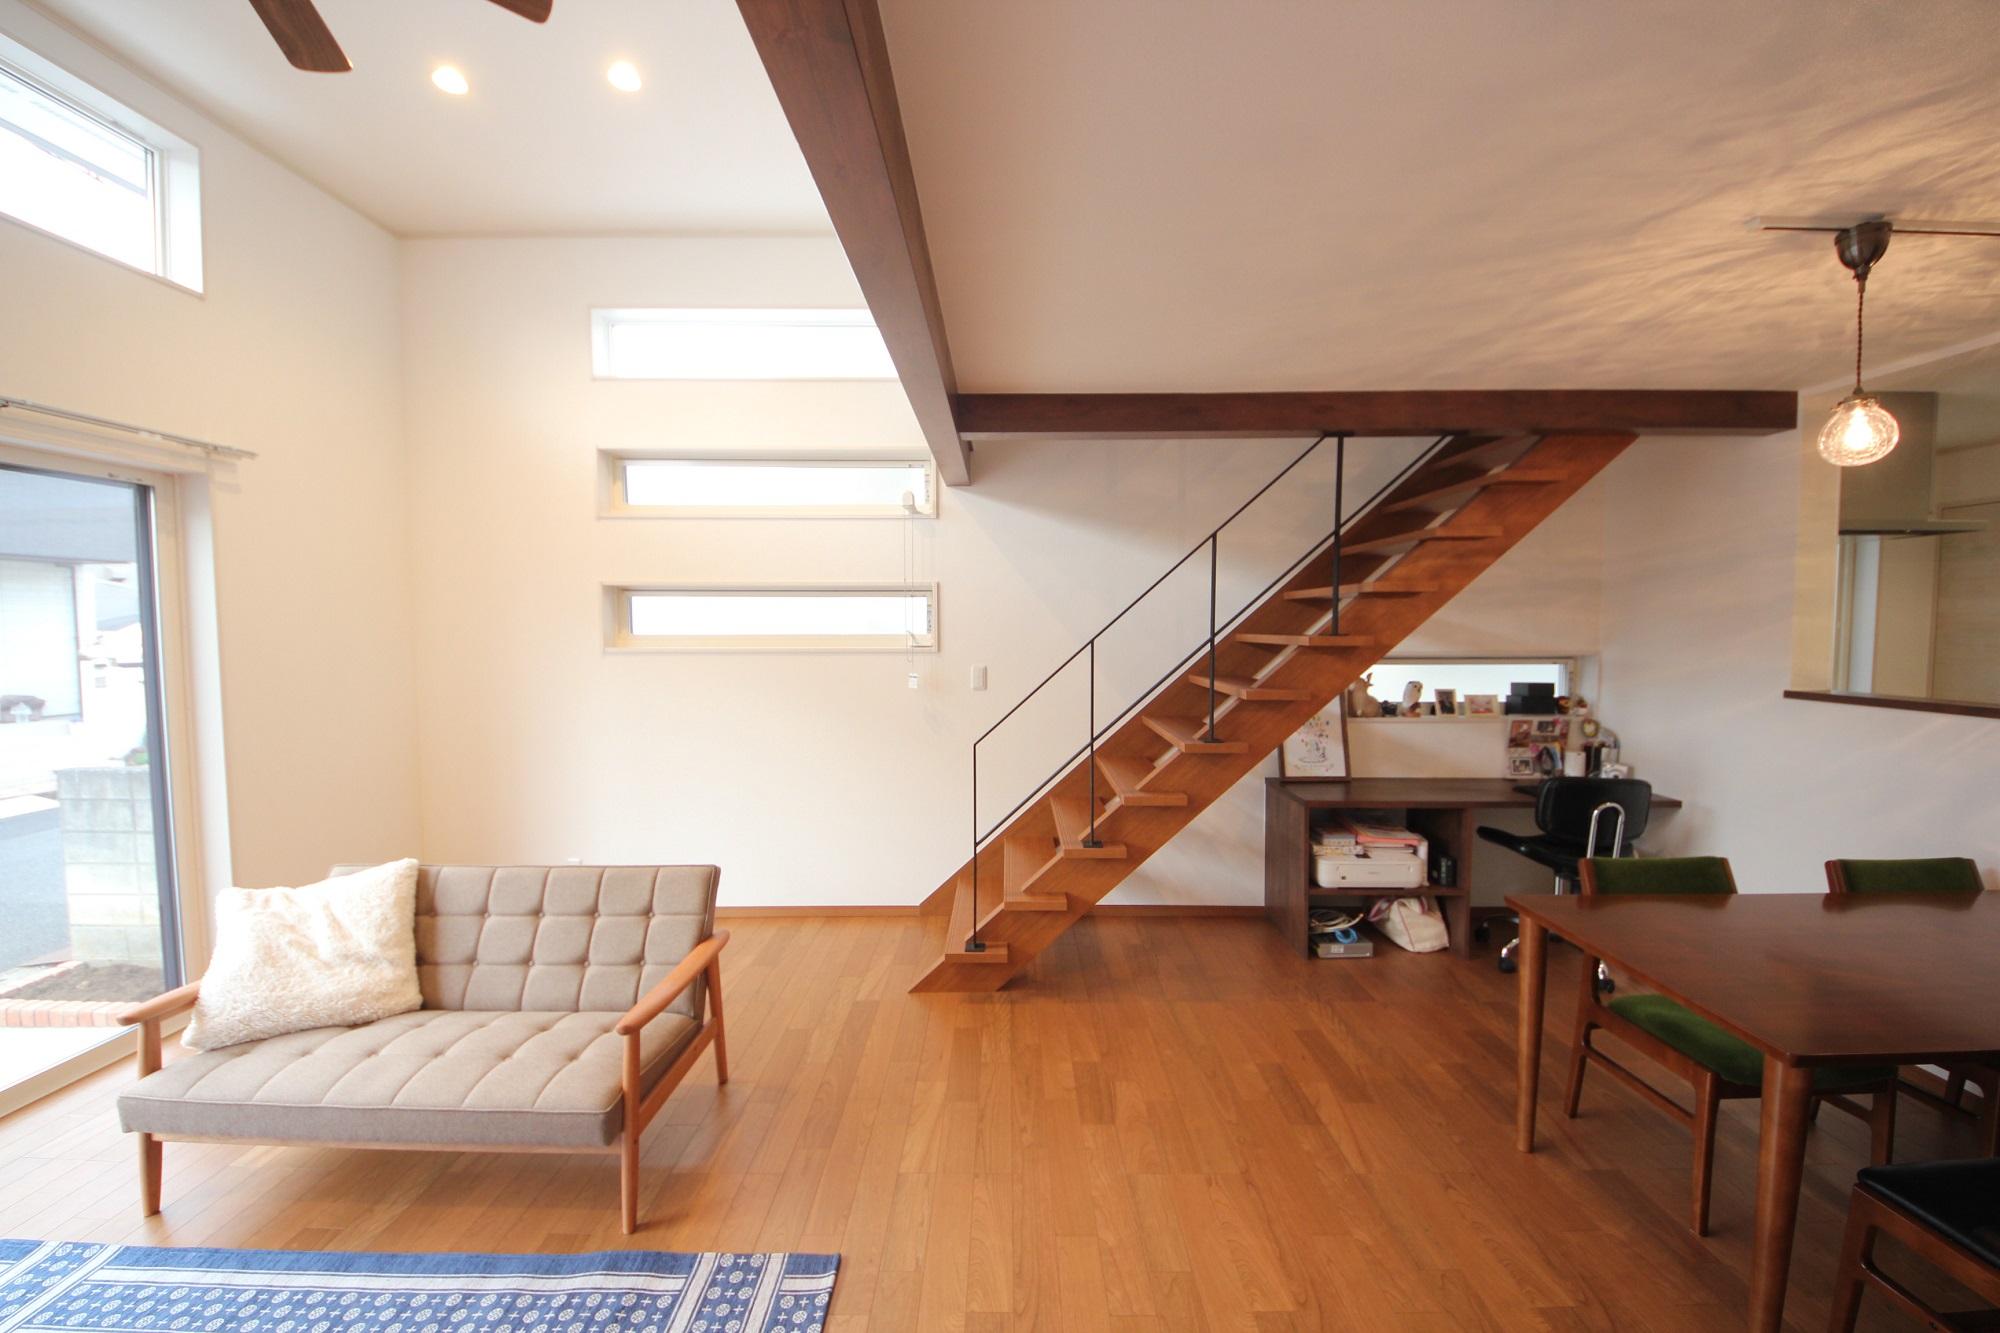 チェリー色で統一された床・階段・家具